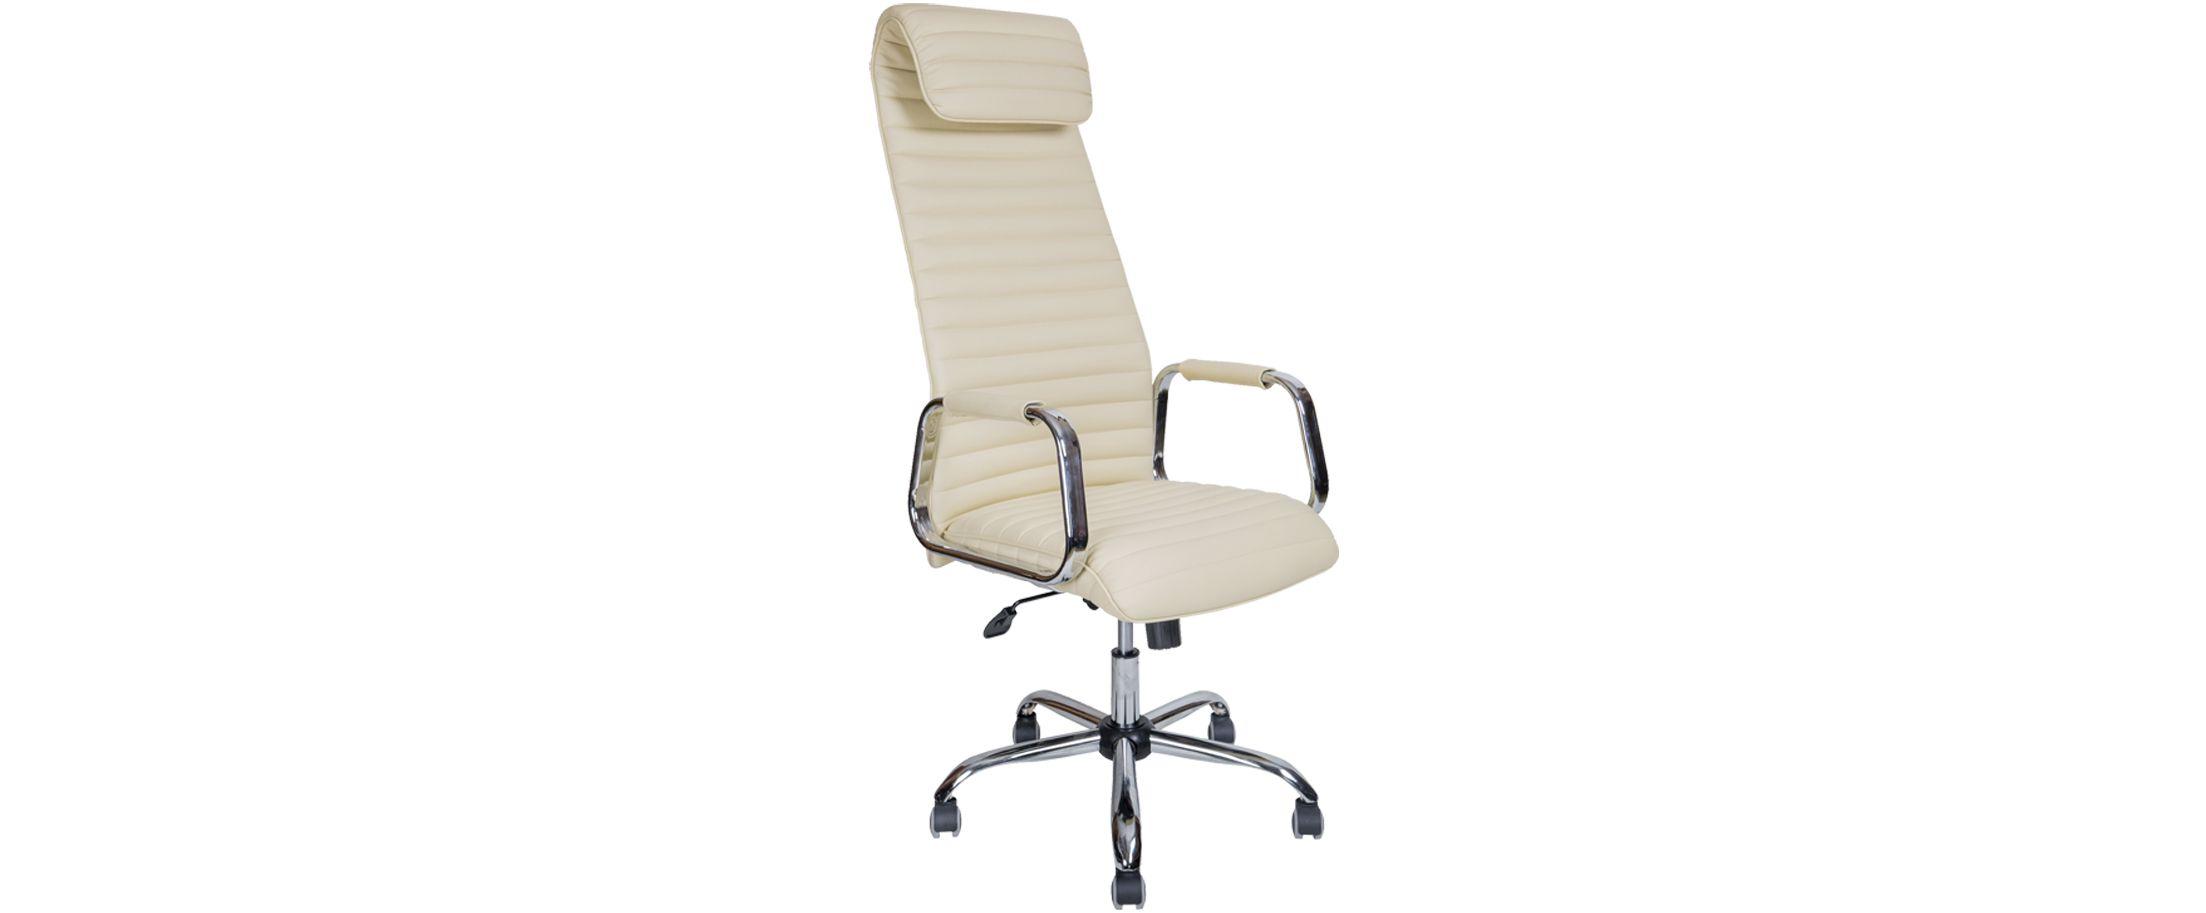 Кресло офисное AV 131 из экокожи цвет слоновая кость Модель 999Кресло офисное AV 131 из экокожи цвет слоновая кость Модель 999. Артикул Д000721<br>